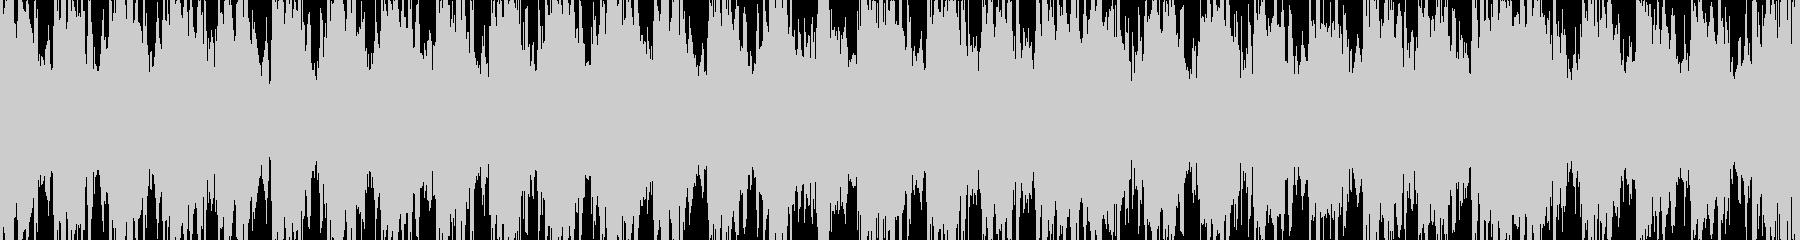 【ループ】ゆったり幻想的なピアノインストの未再生の波形